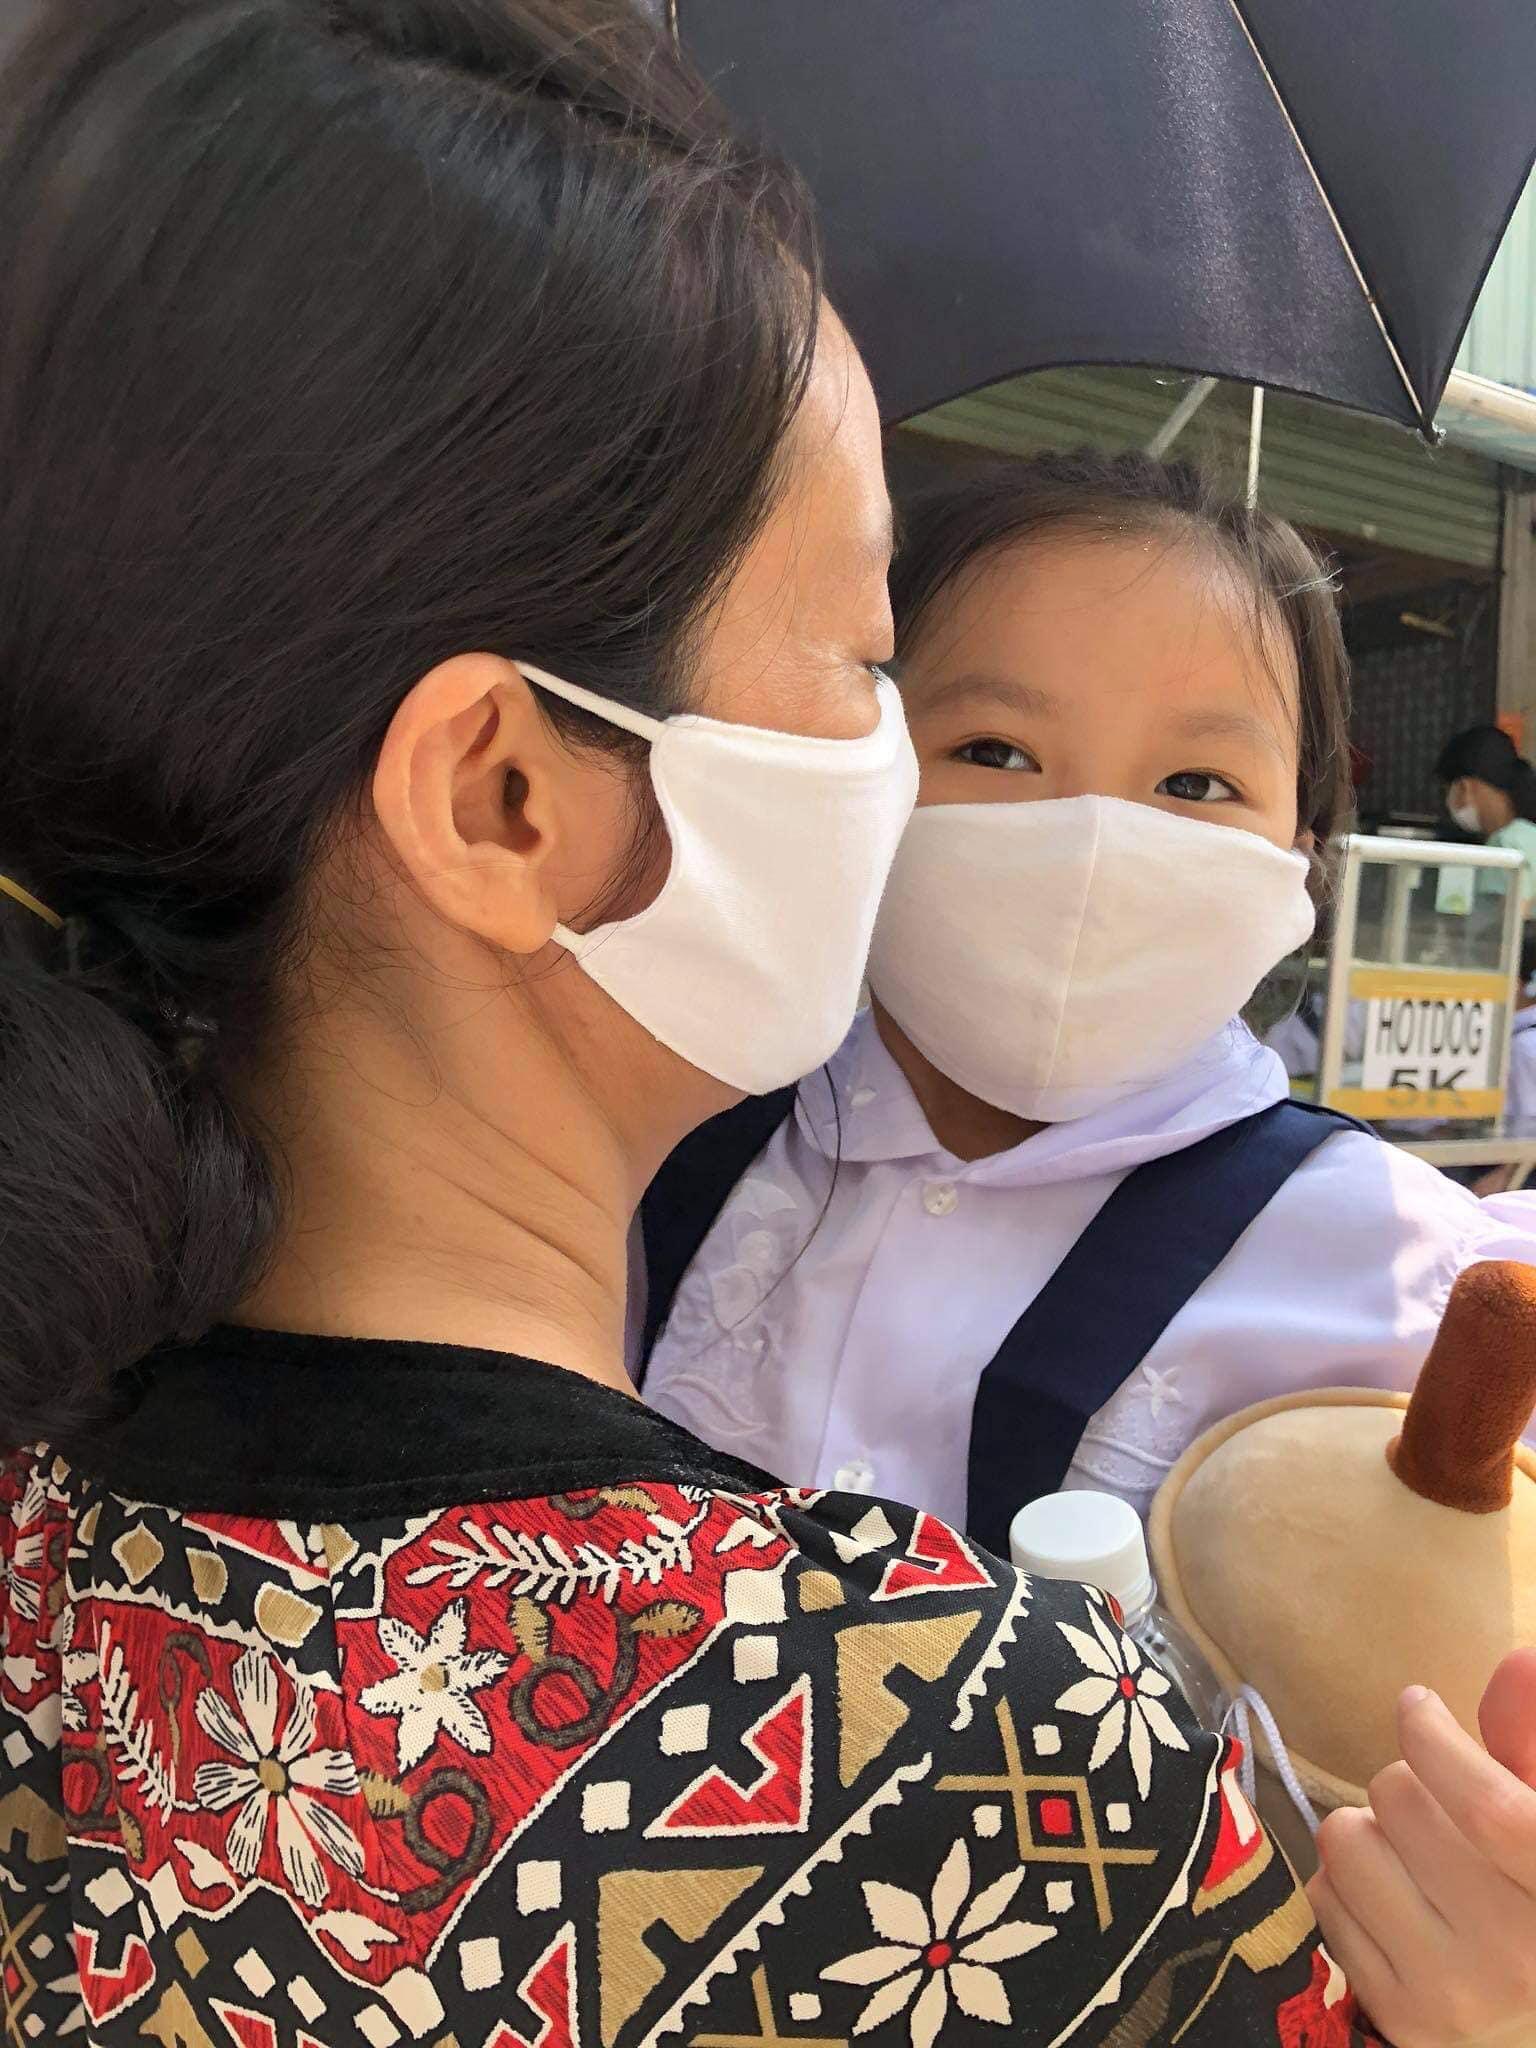 Dàn sao Việt đưa con vào lớp 1: Con trai Tuấn Hưng được khen dạn dĩ, đáng chú ý nhất là 1001 dụng cụ mang theo đi học của con gái diễn viên Hạnh Thuý  - Ảnh 4.